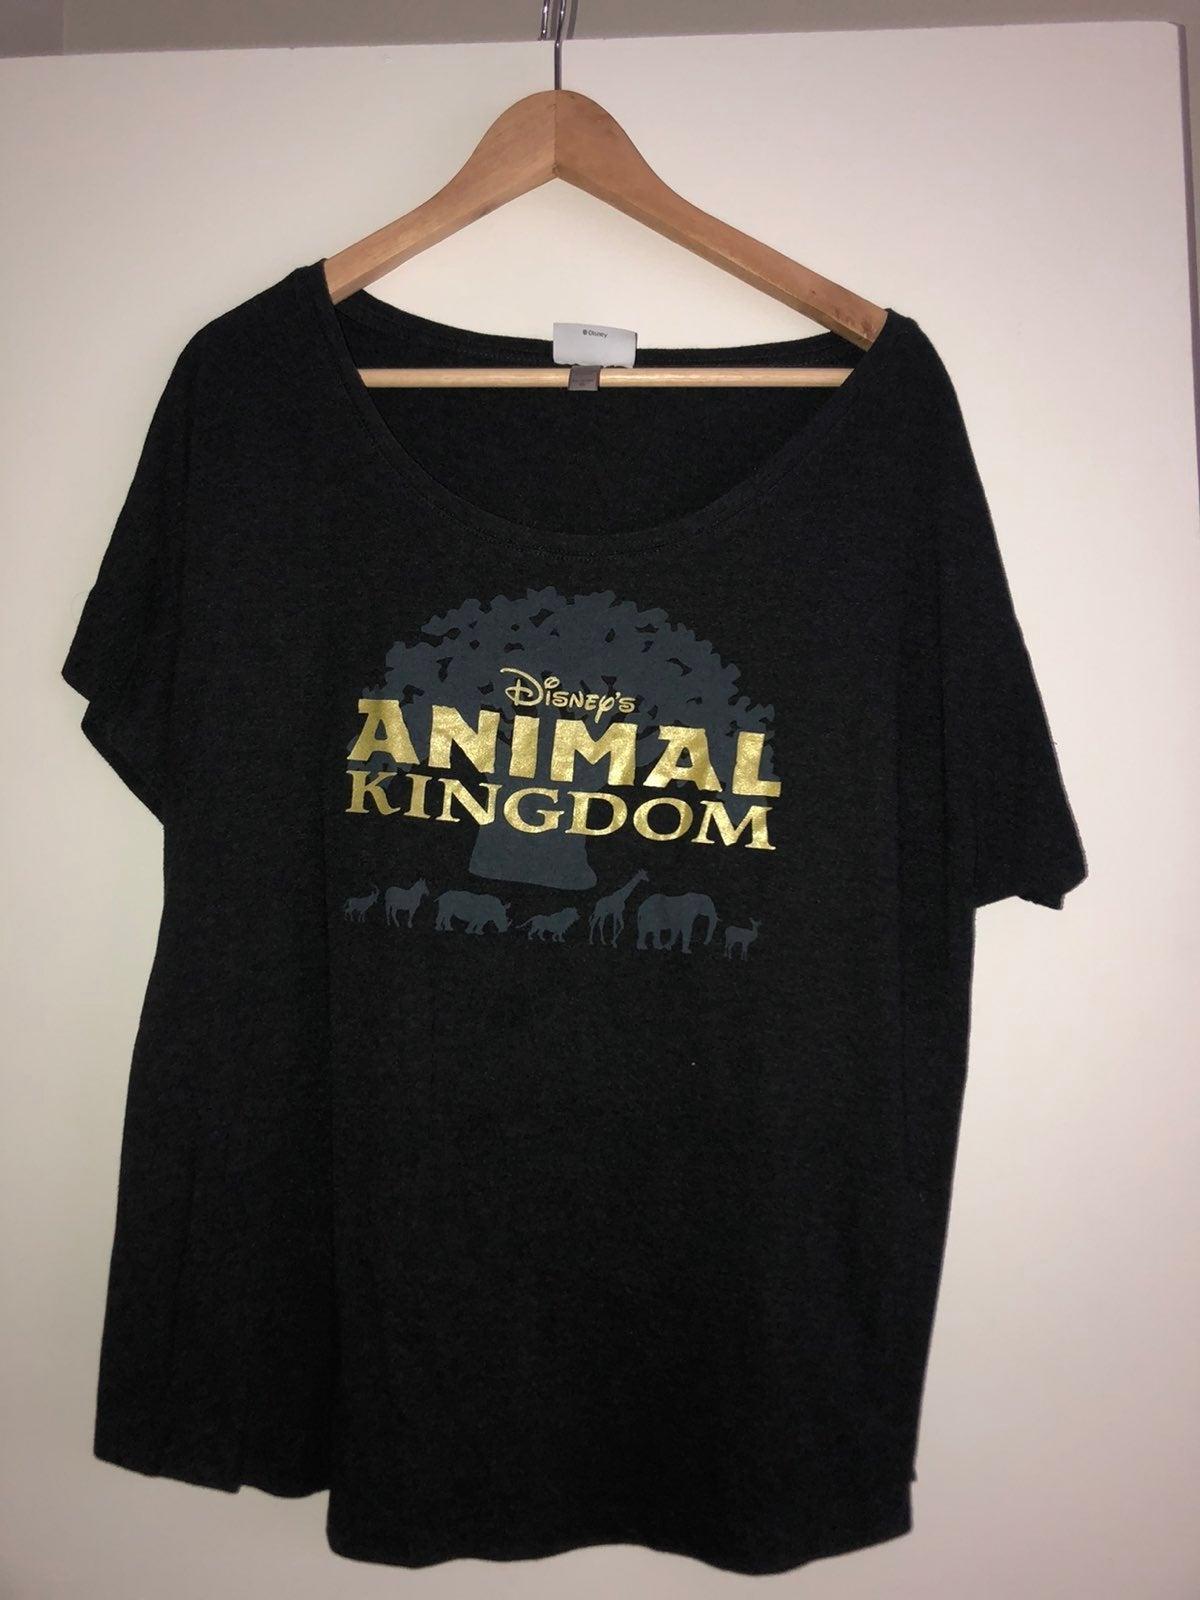 Disney's Animal Kingdom tee